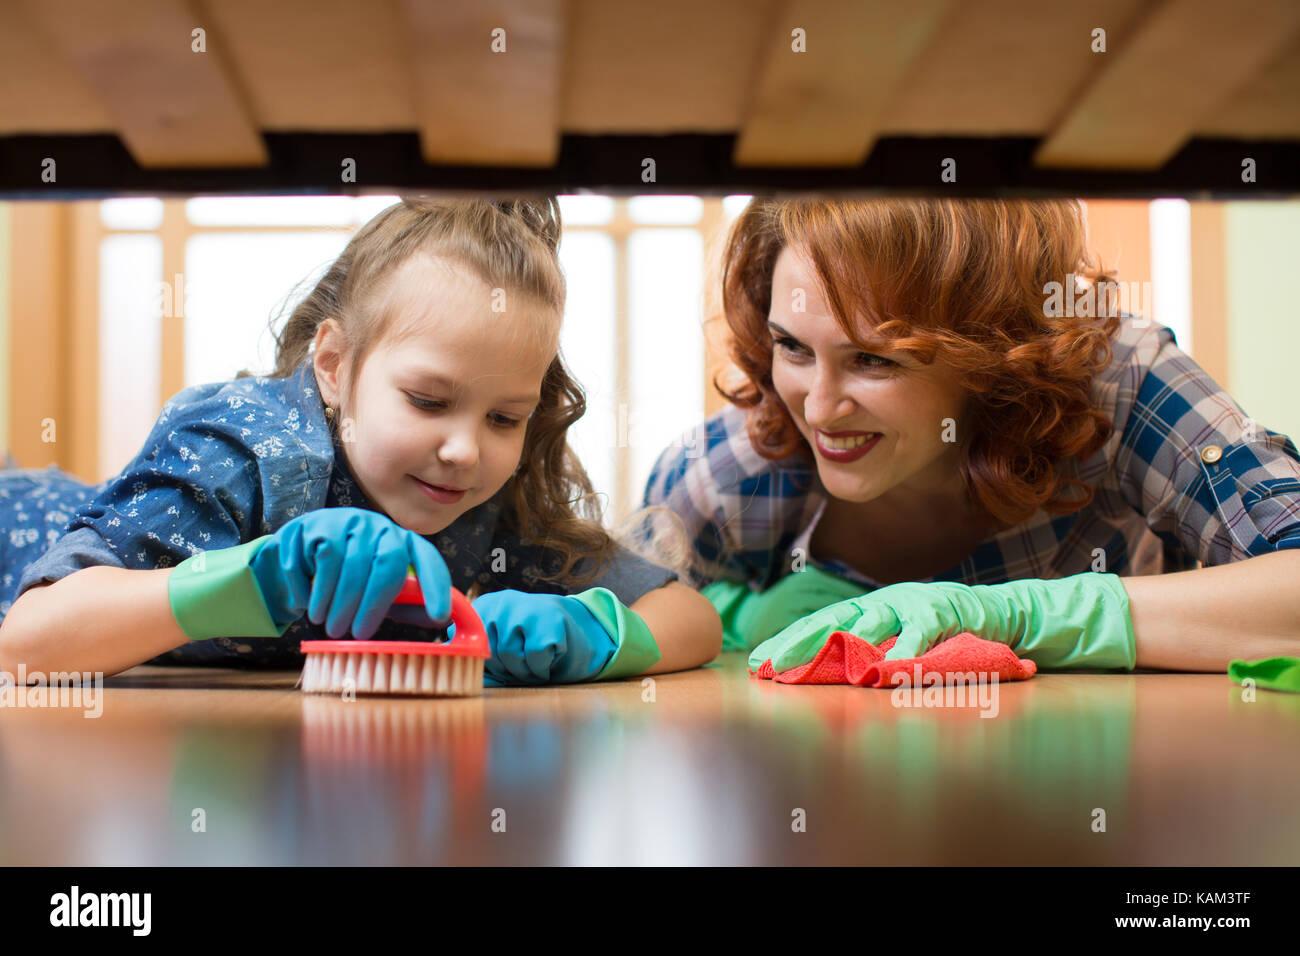 Madre e figlia fare pulizia in casa. Felice donna e bambino ragazza asciugò il pavimento. Immagini Stock